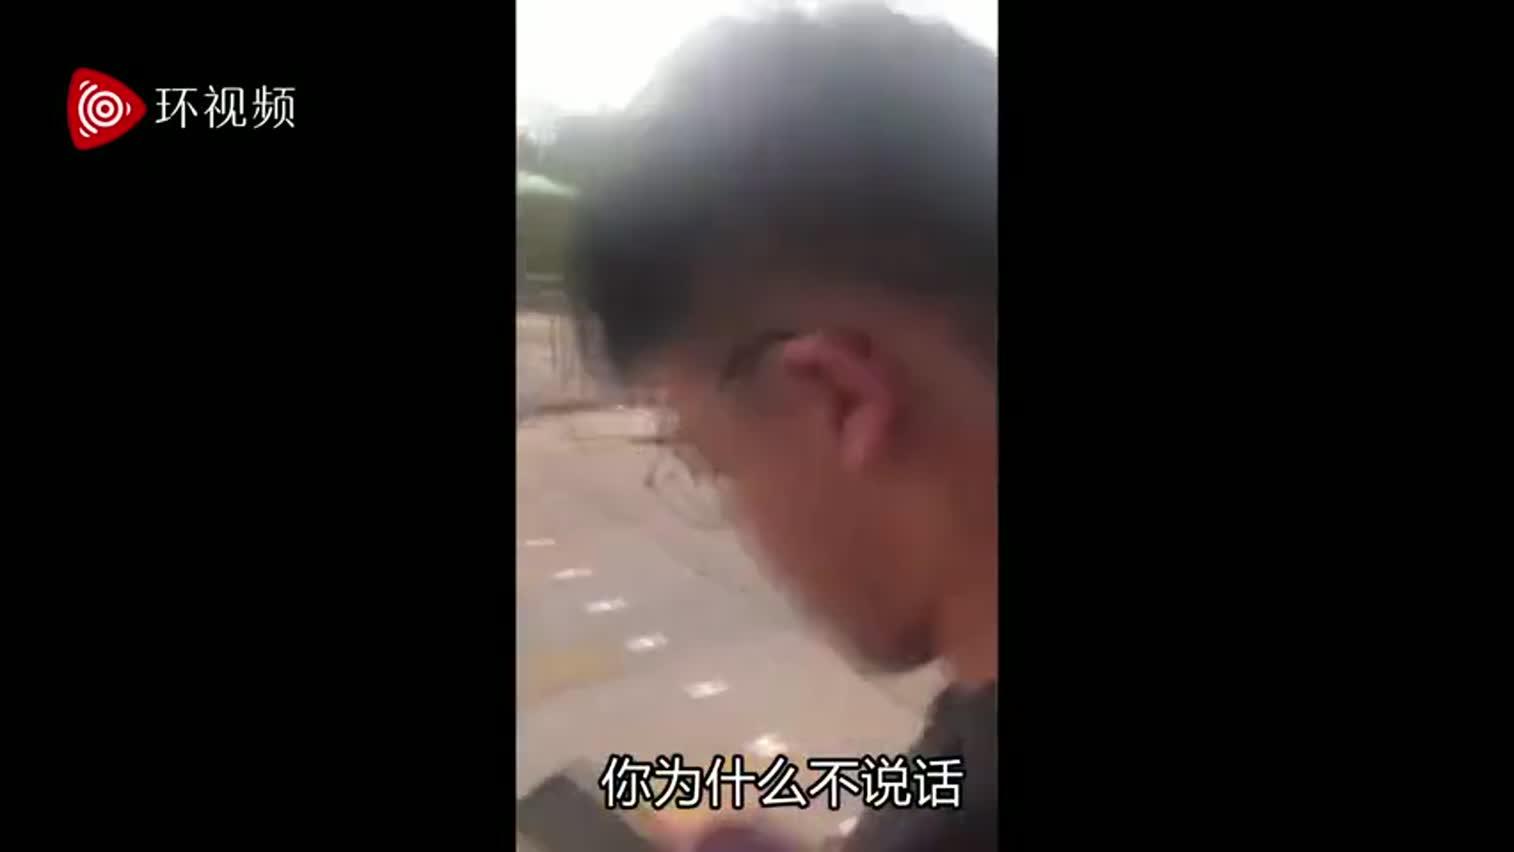 视频-香港暴徒街头被老外痛骂:你享受杀人放火吗?